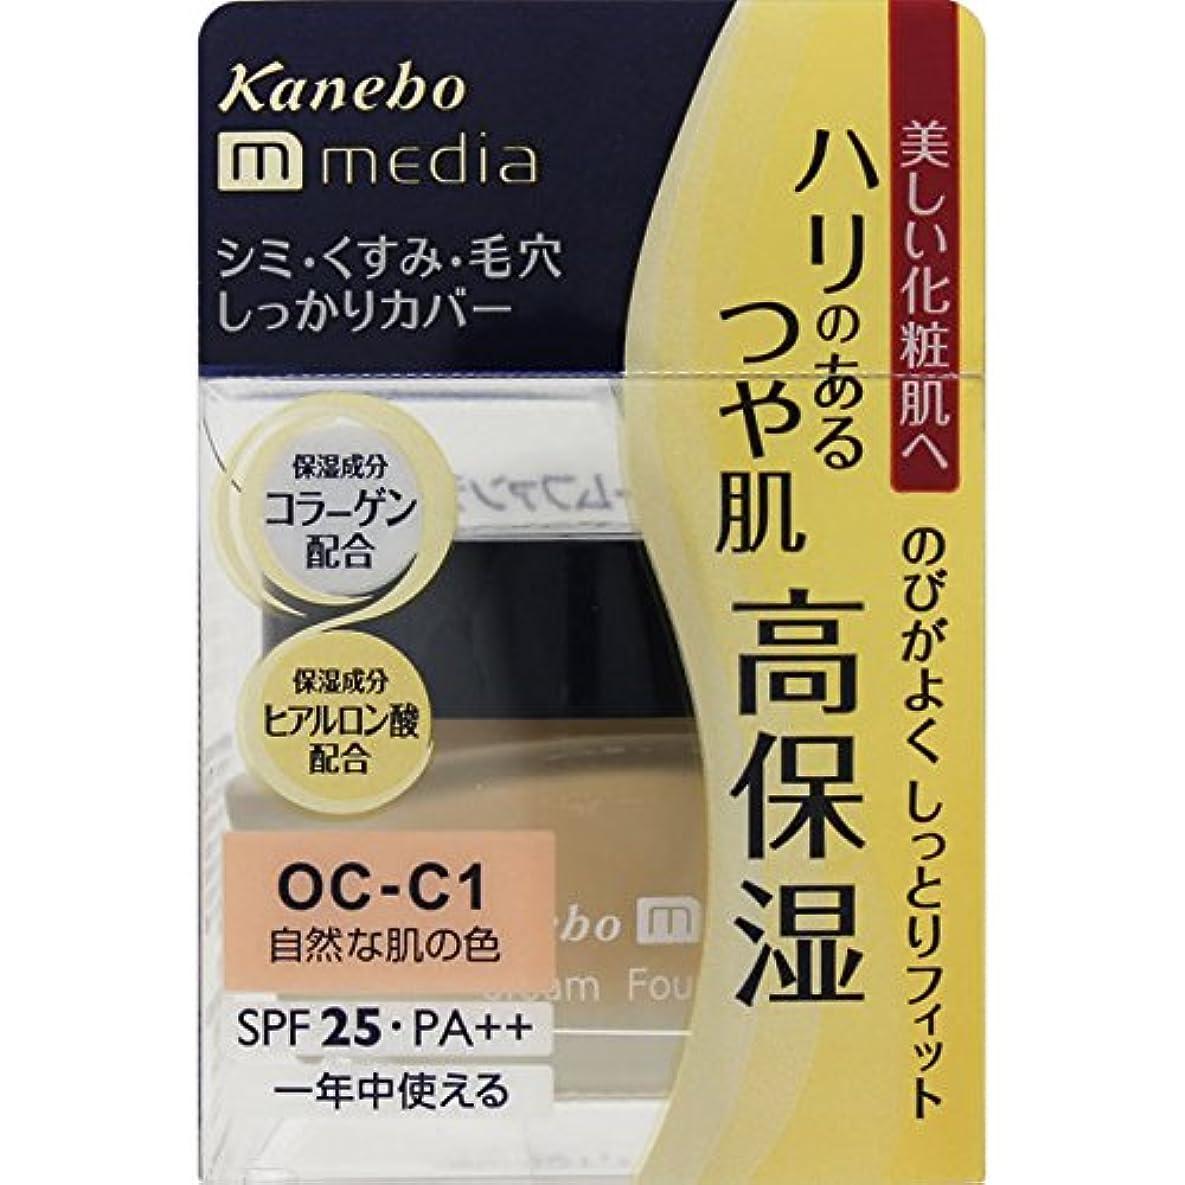 ミュウミュウ葡萄取得するカネボウ media(メディア) クリームファンデーション OC-C1(自然な肌の色)